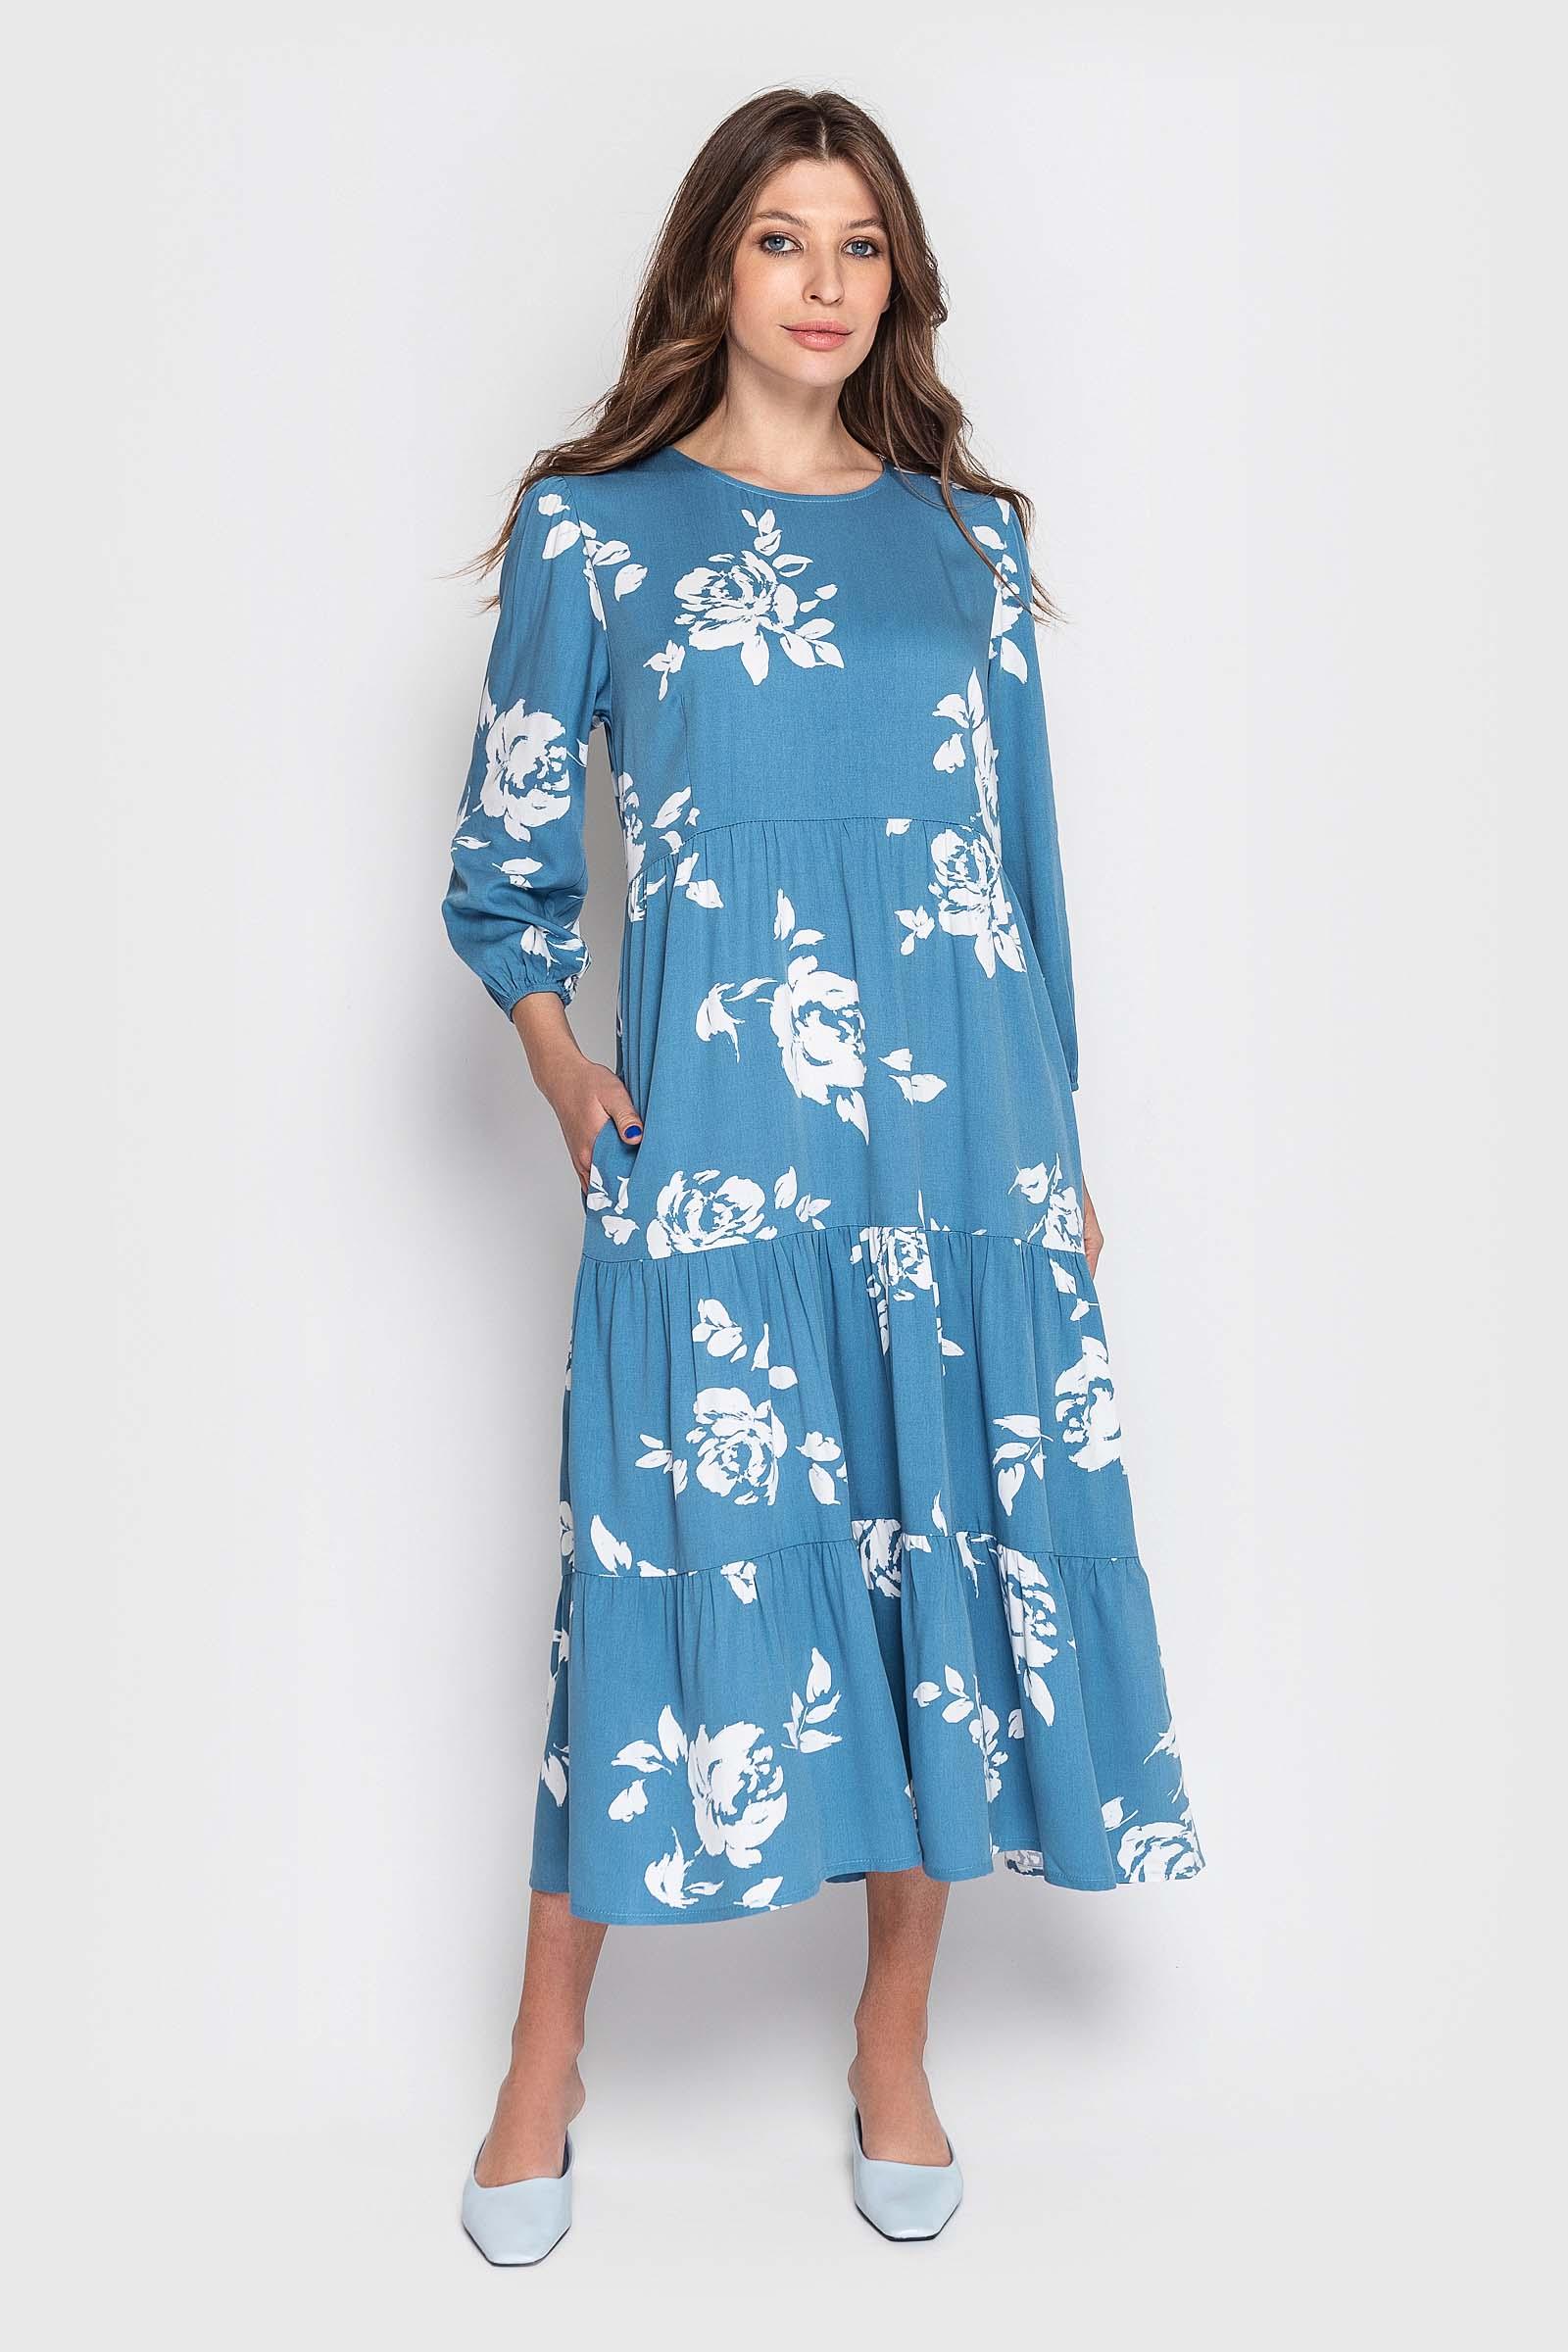 2021 04 10 poltava30289 Купить платье